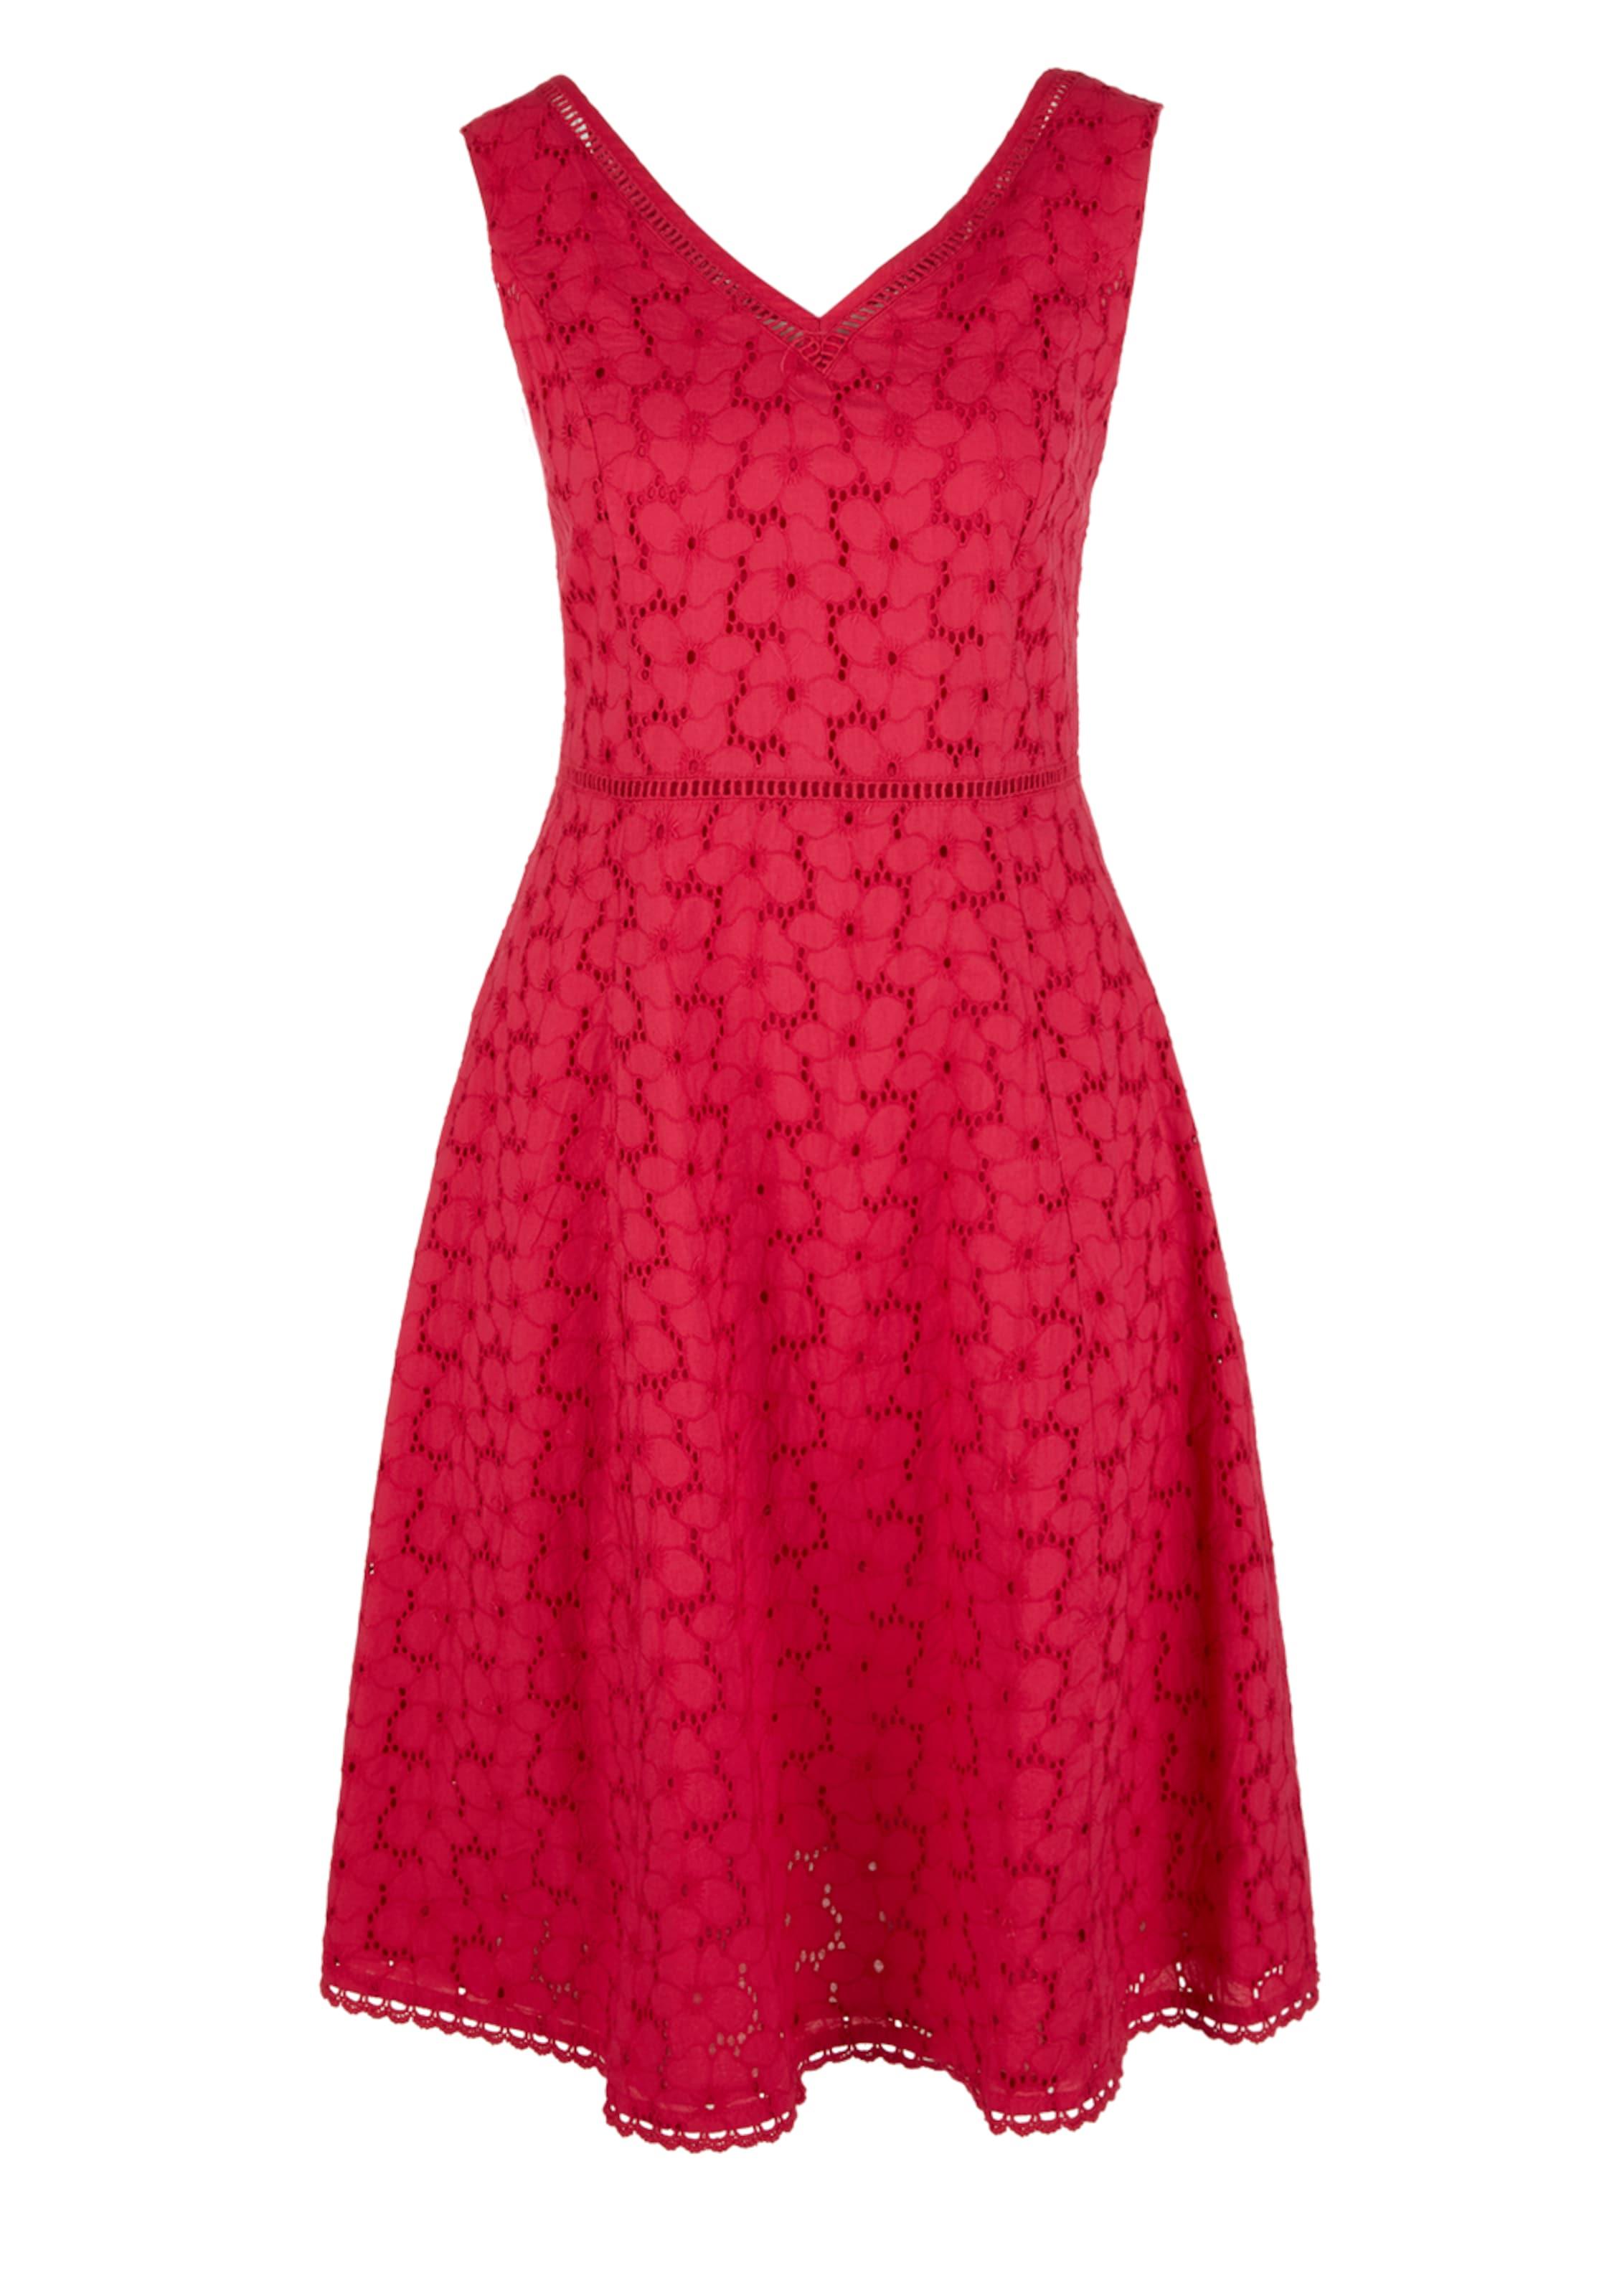 Kleid In S In S oliver S oliver In Kleid Himbeer Kleid Himbeer oliver 8nOPX0wk